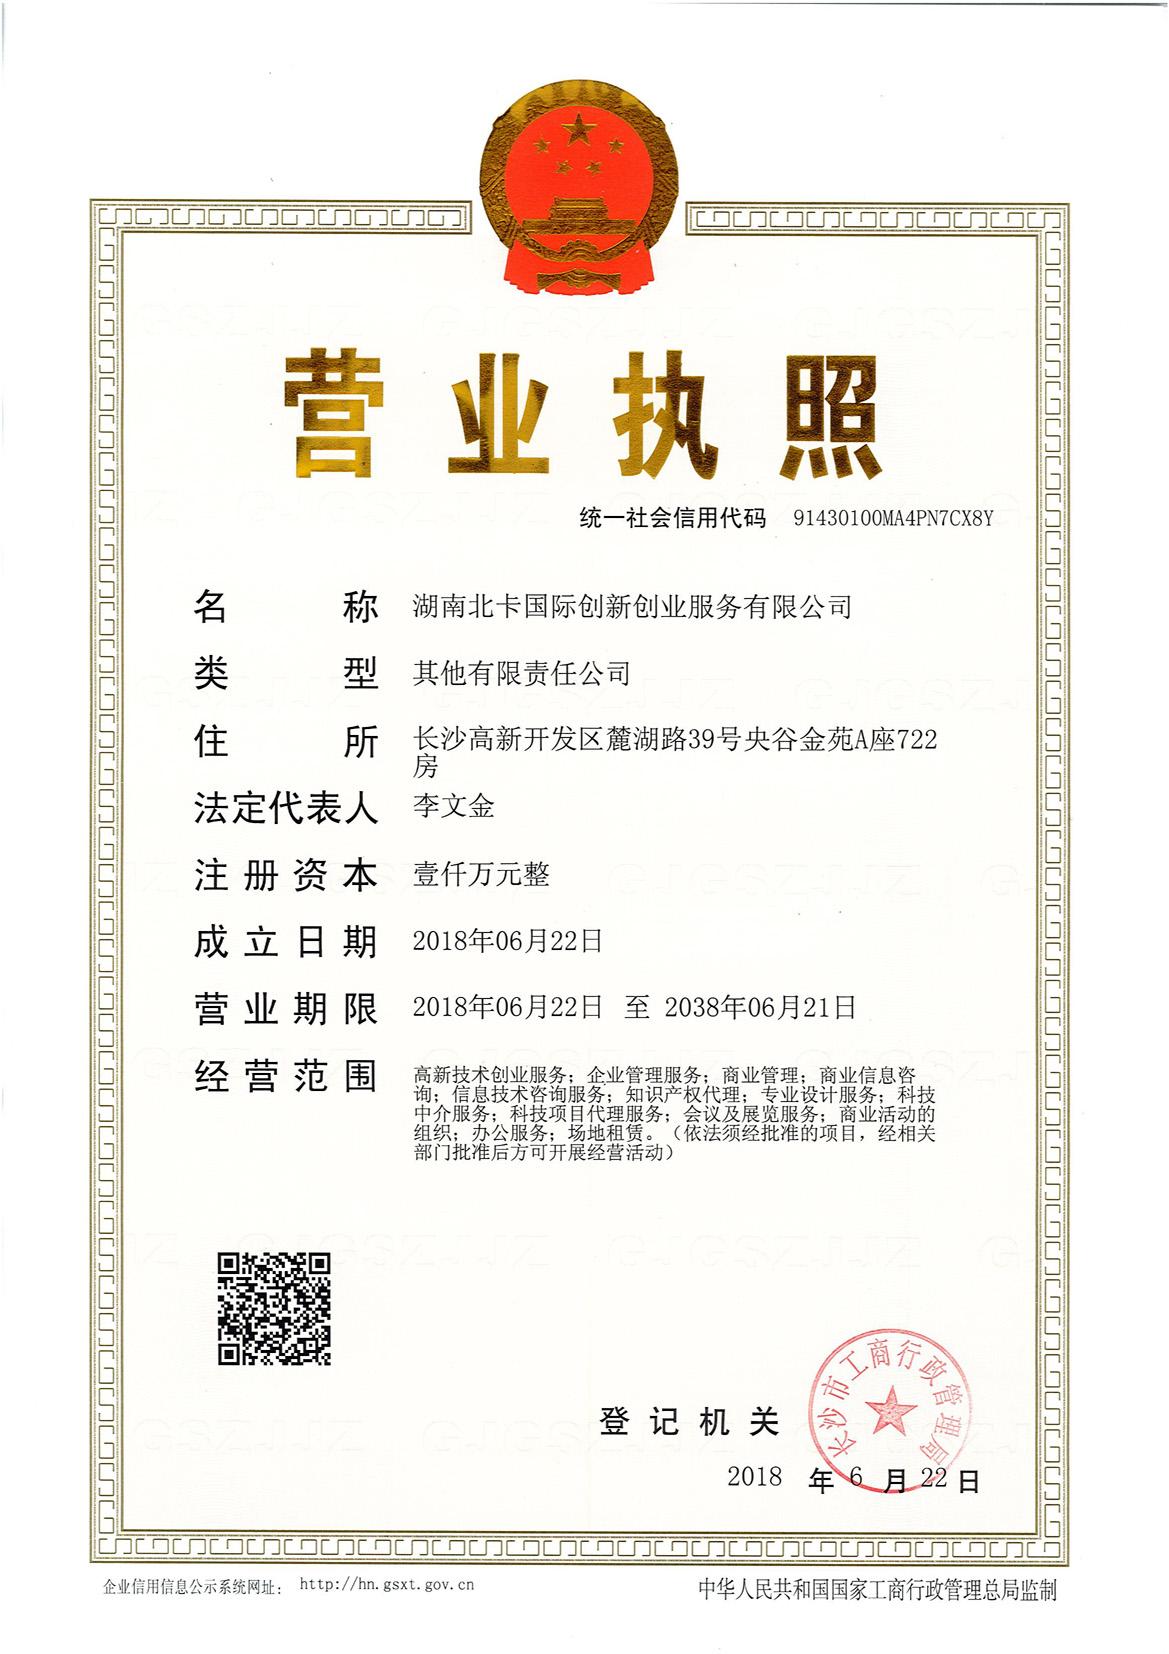 湖南北卡国际创新创业服务有限公司